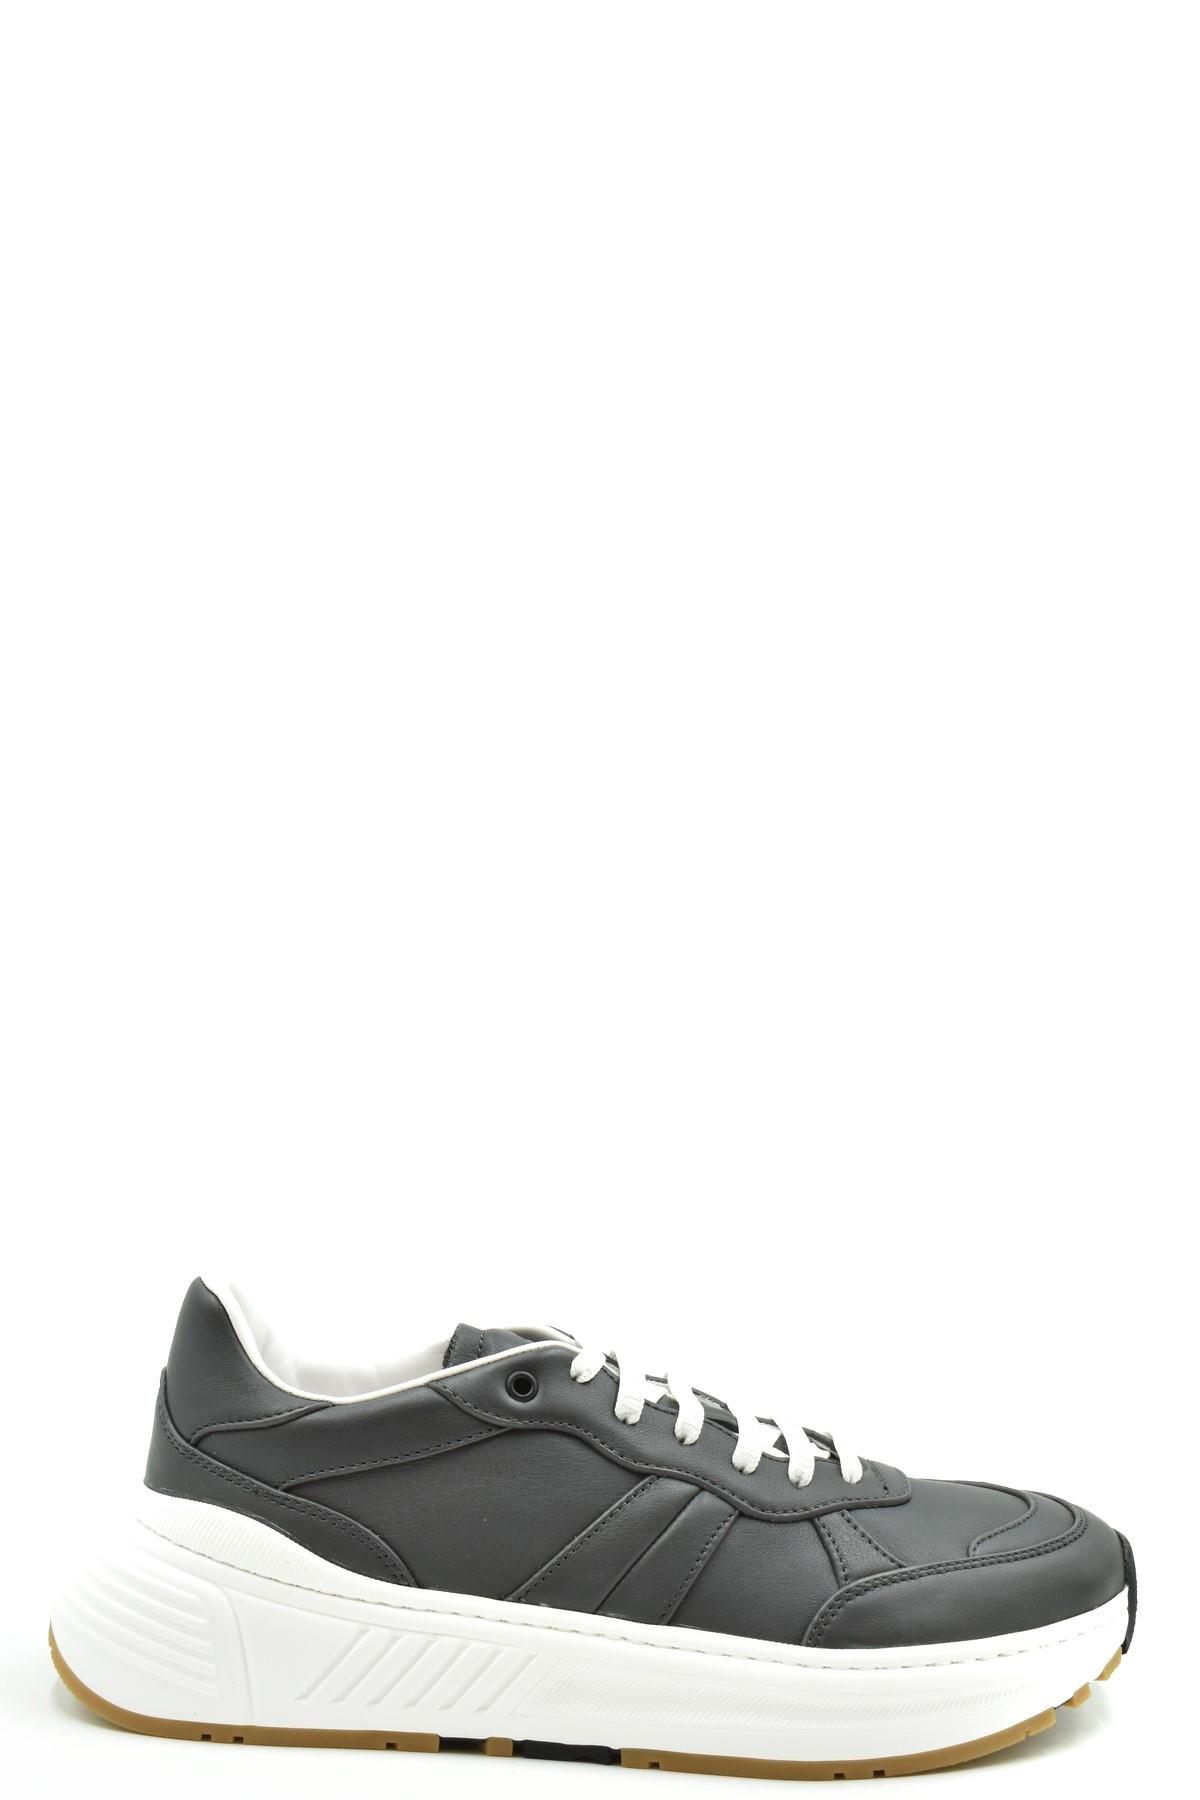 Bottega Veneta Sneakers Muži